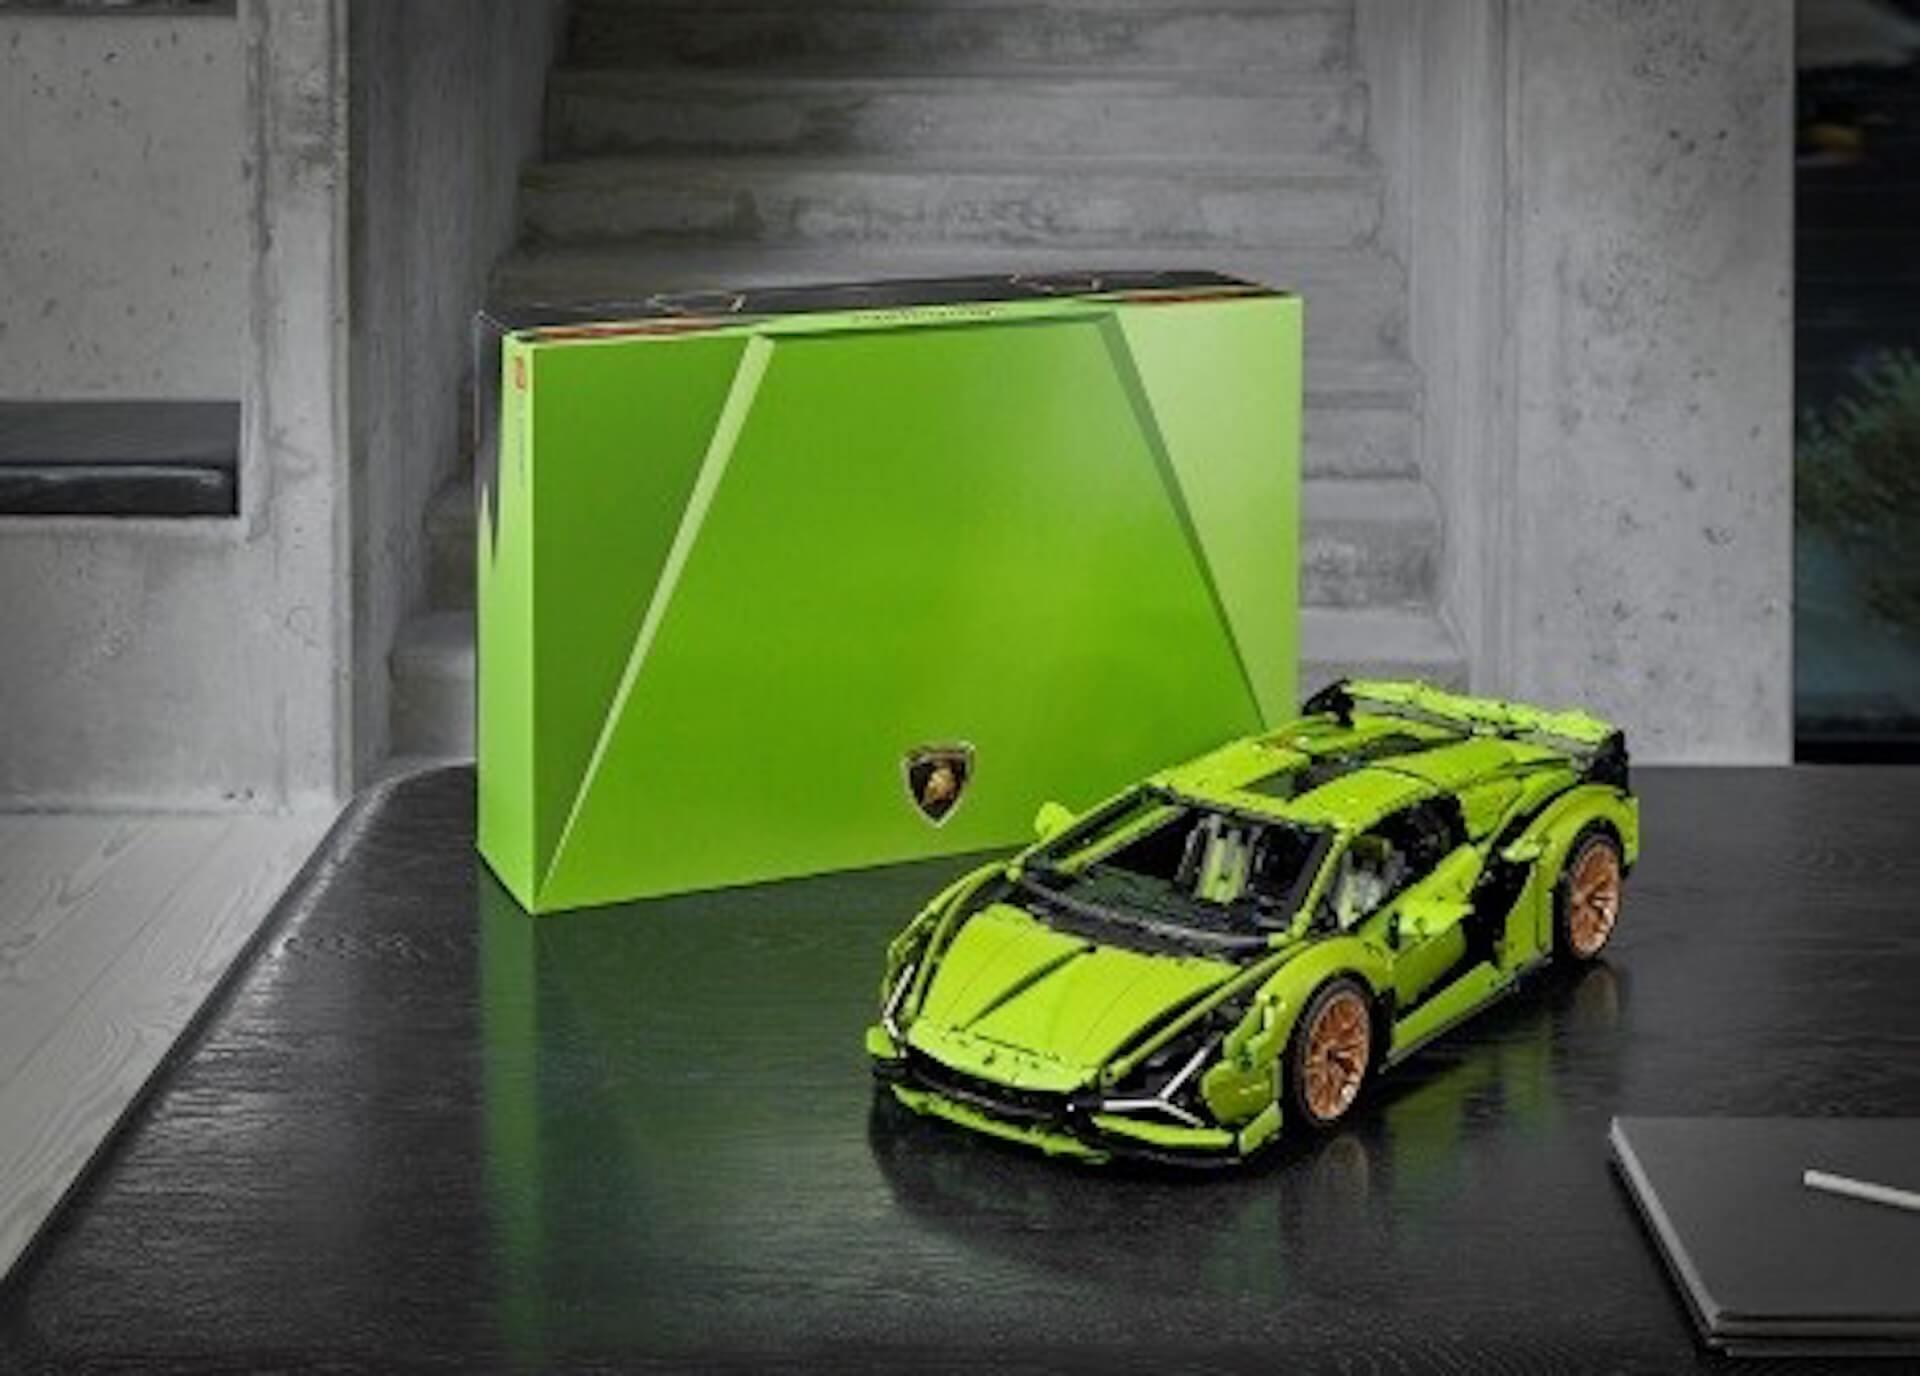 1/8スケールの『レゴ(R)テクニック ランボルギーニ シアンFKP 37』が登場!エンジン、ホイール、車内まで忠実に再現 ac200529_lego_lamborghini_03